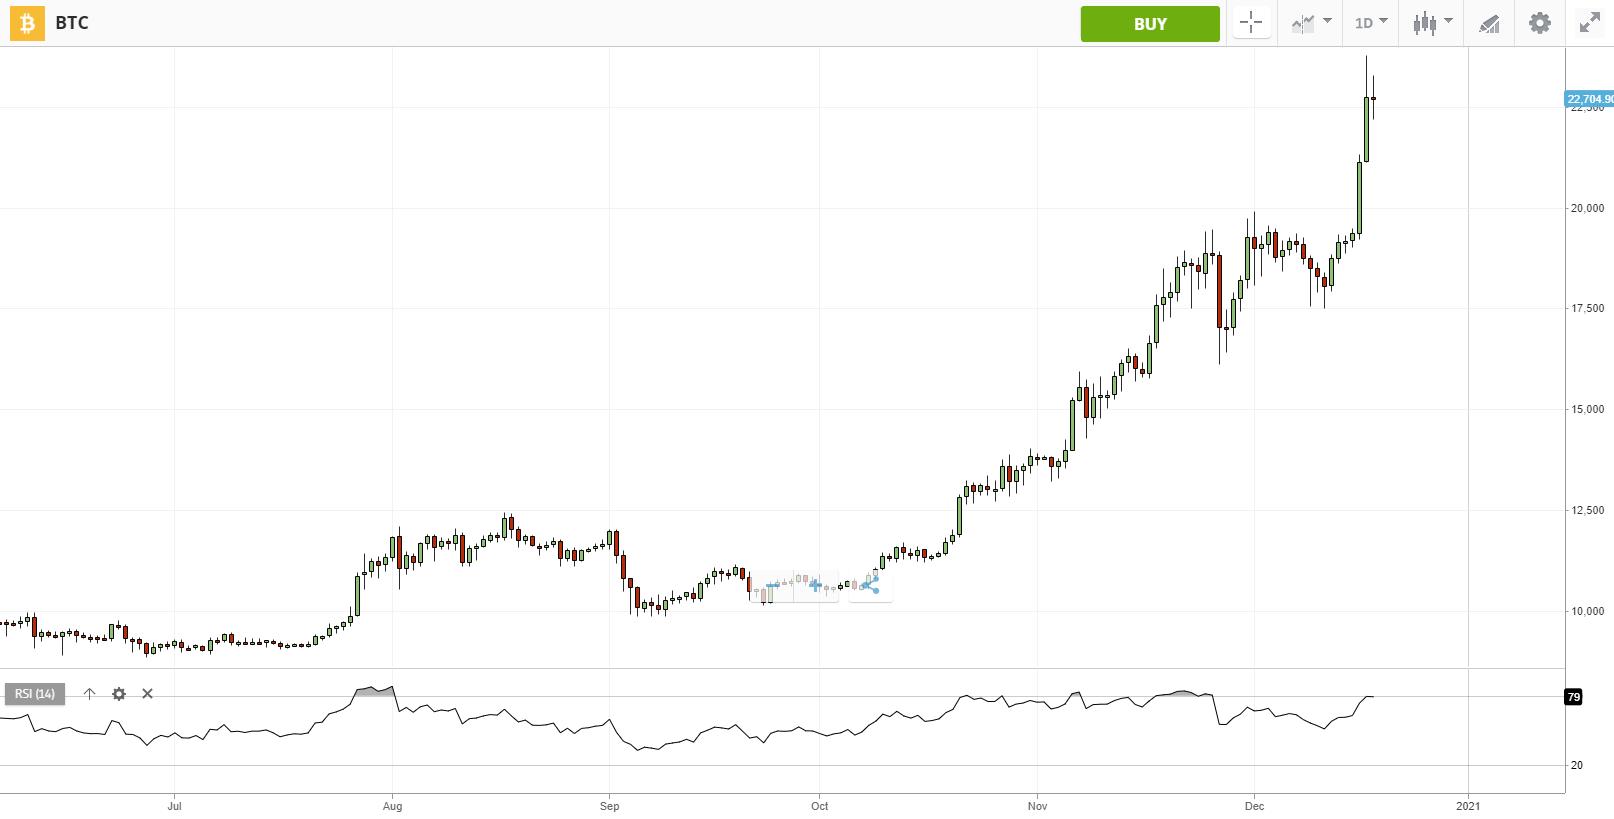 Bitcoin kandelaar grafiek met RSI indicator